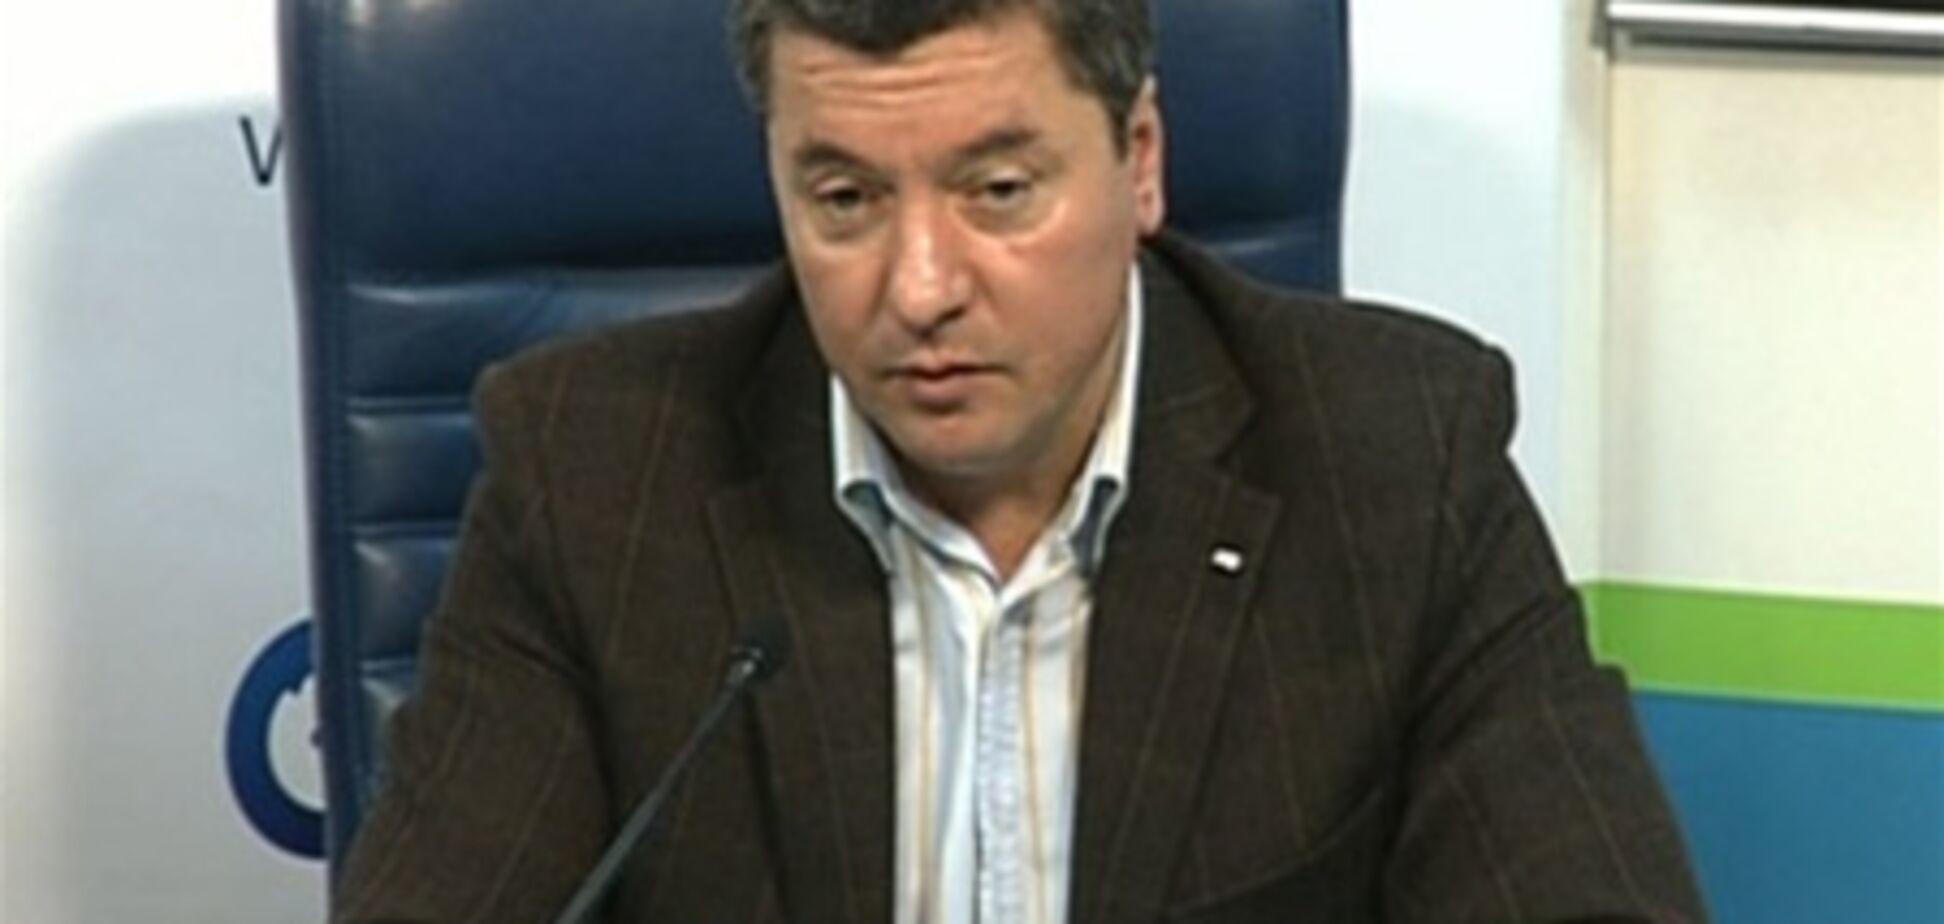 Бала: Турчинов стане регентом при Дружині Тимошенко